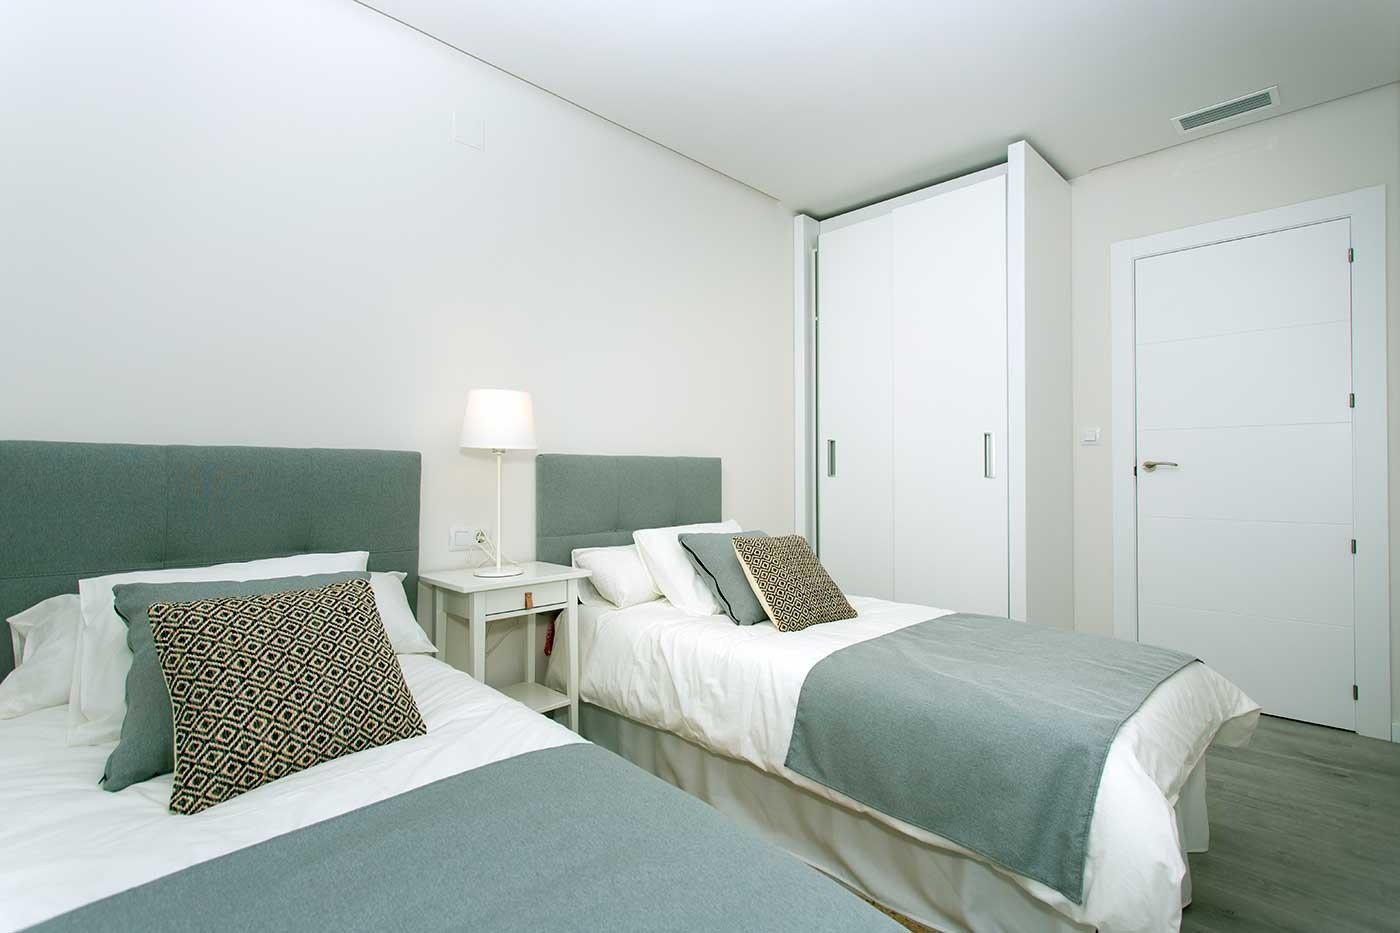 Complejo de estilo moderno con apartamentos de 2,3 dormitorios y 2 baños con amplias terra - imagenInmueble4